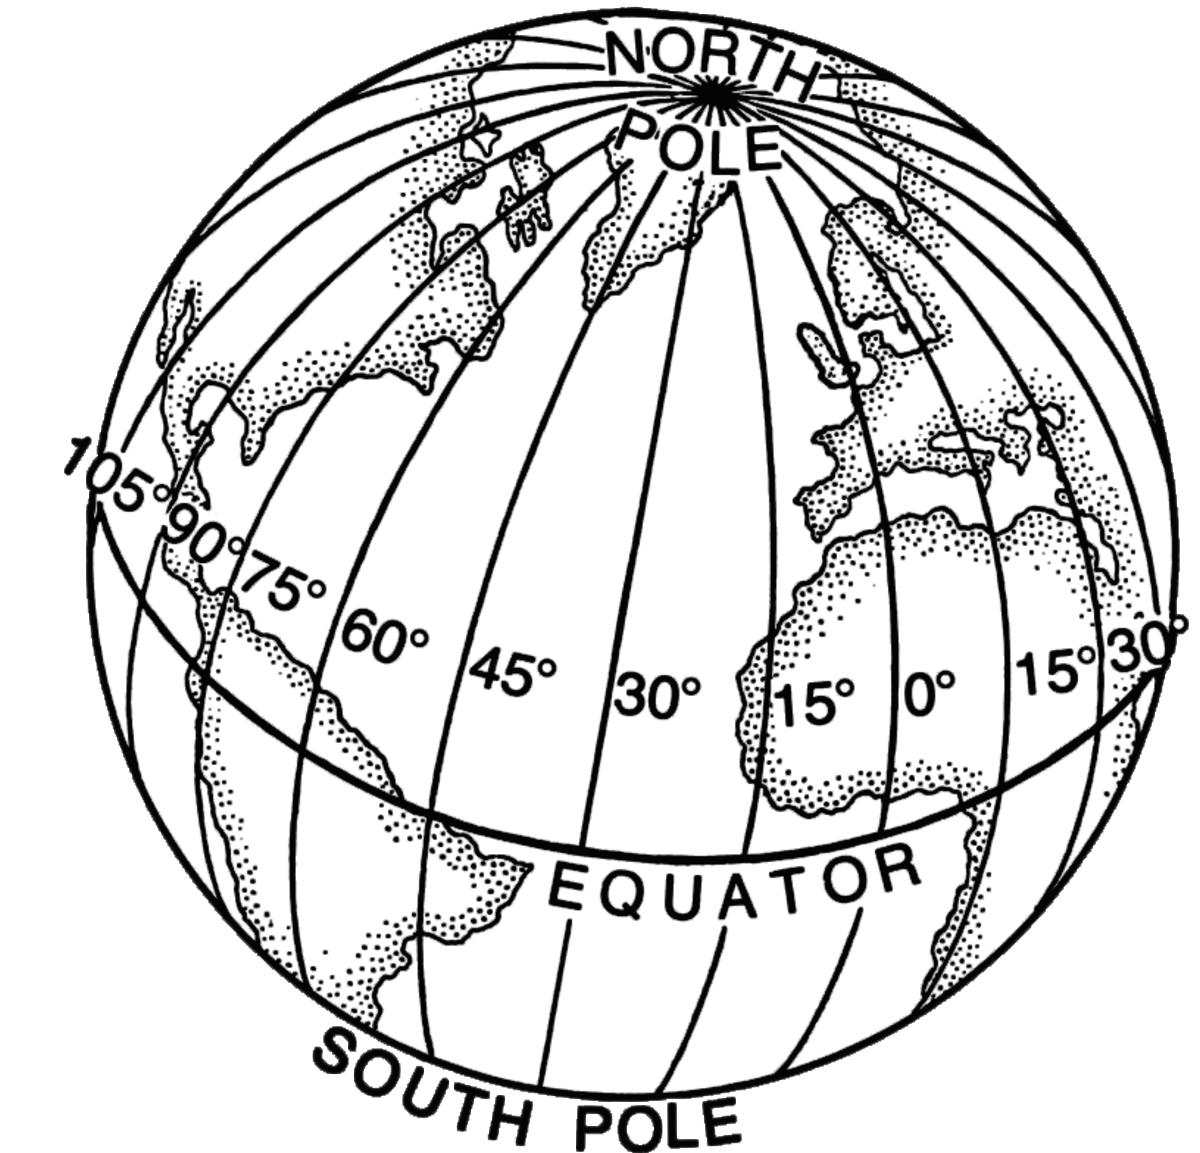 longitude  u2013 wikip u00e9dia  a enciclop u00e9dia livre